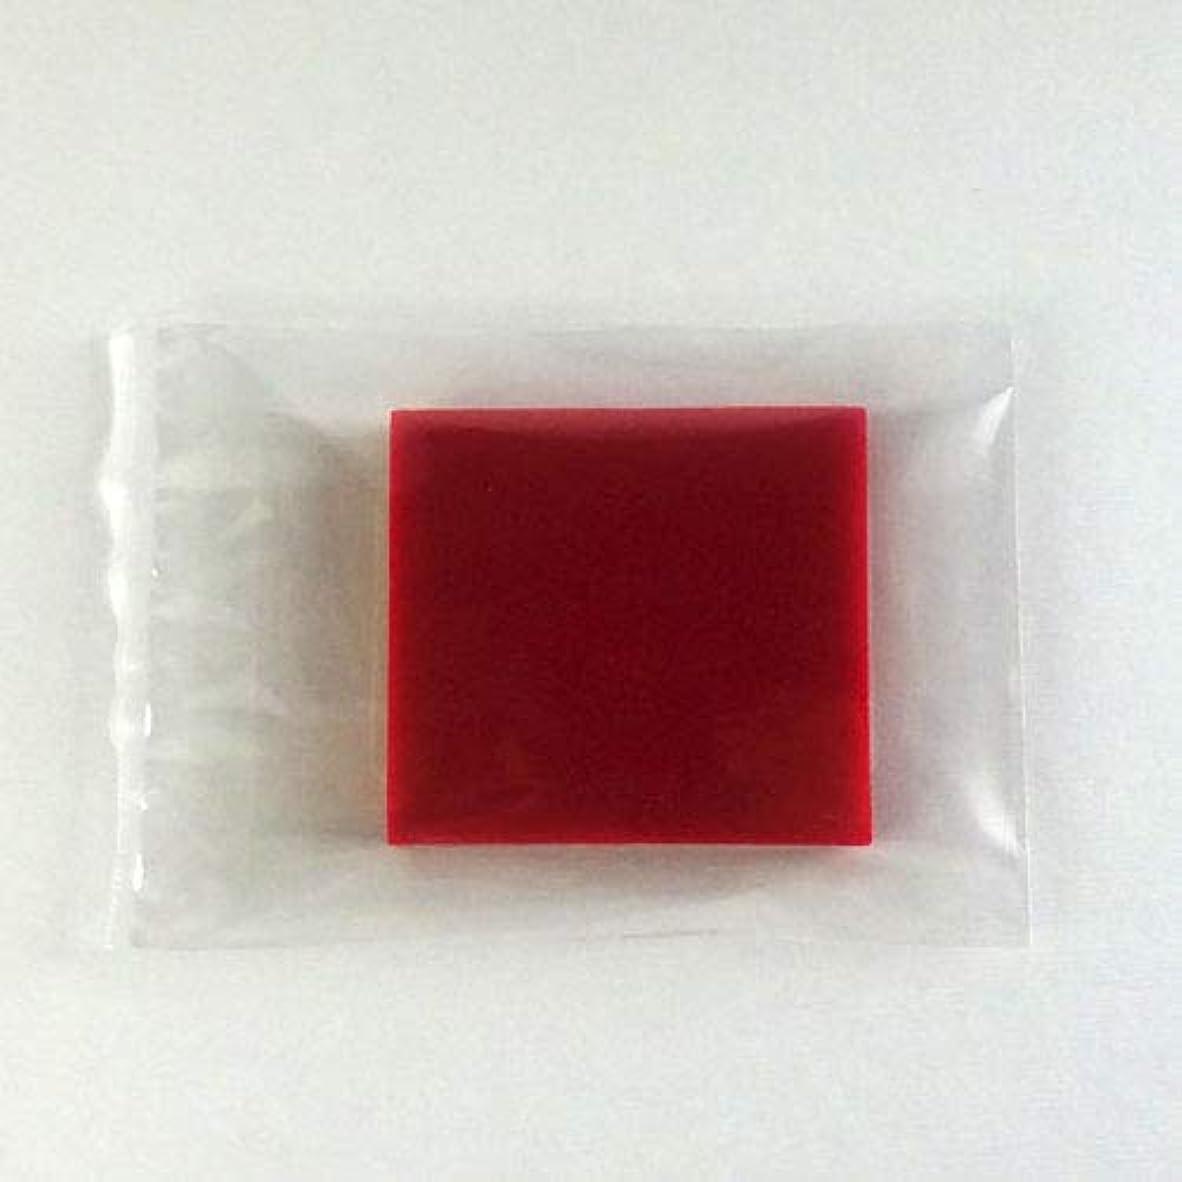 かき混ぜる勝利した理解グリセリンソープ MPソープ 色チップ 赤(レッド) 60g(30g x 2pc)